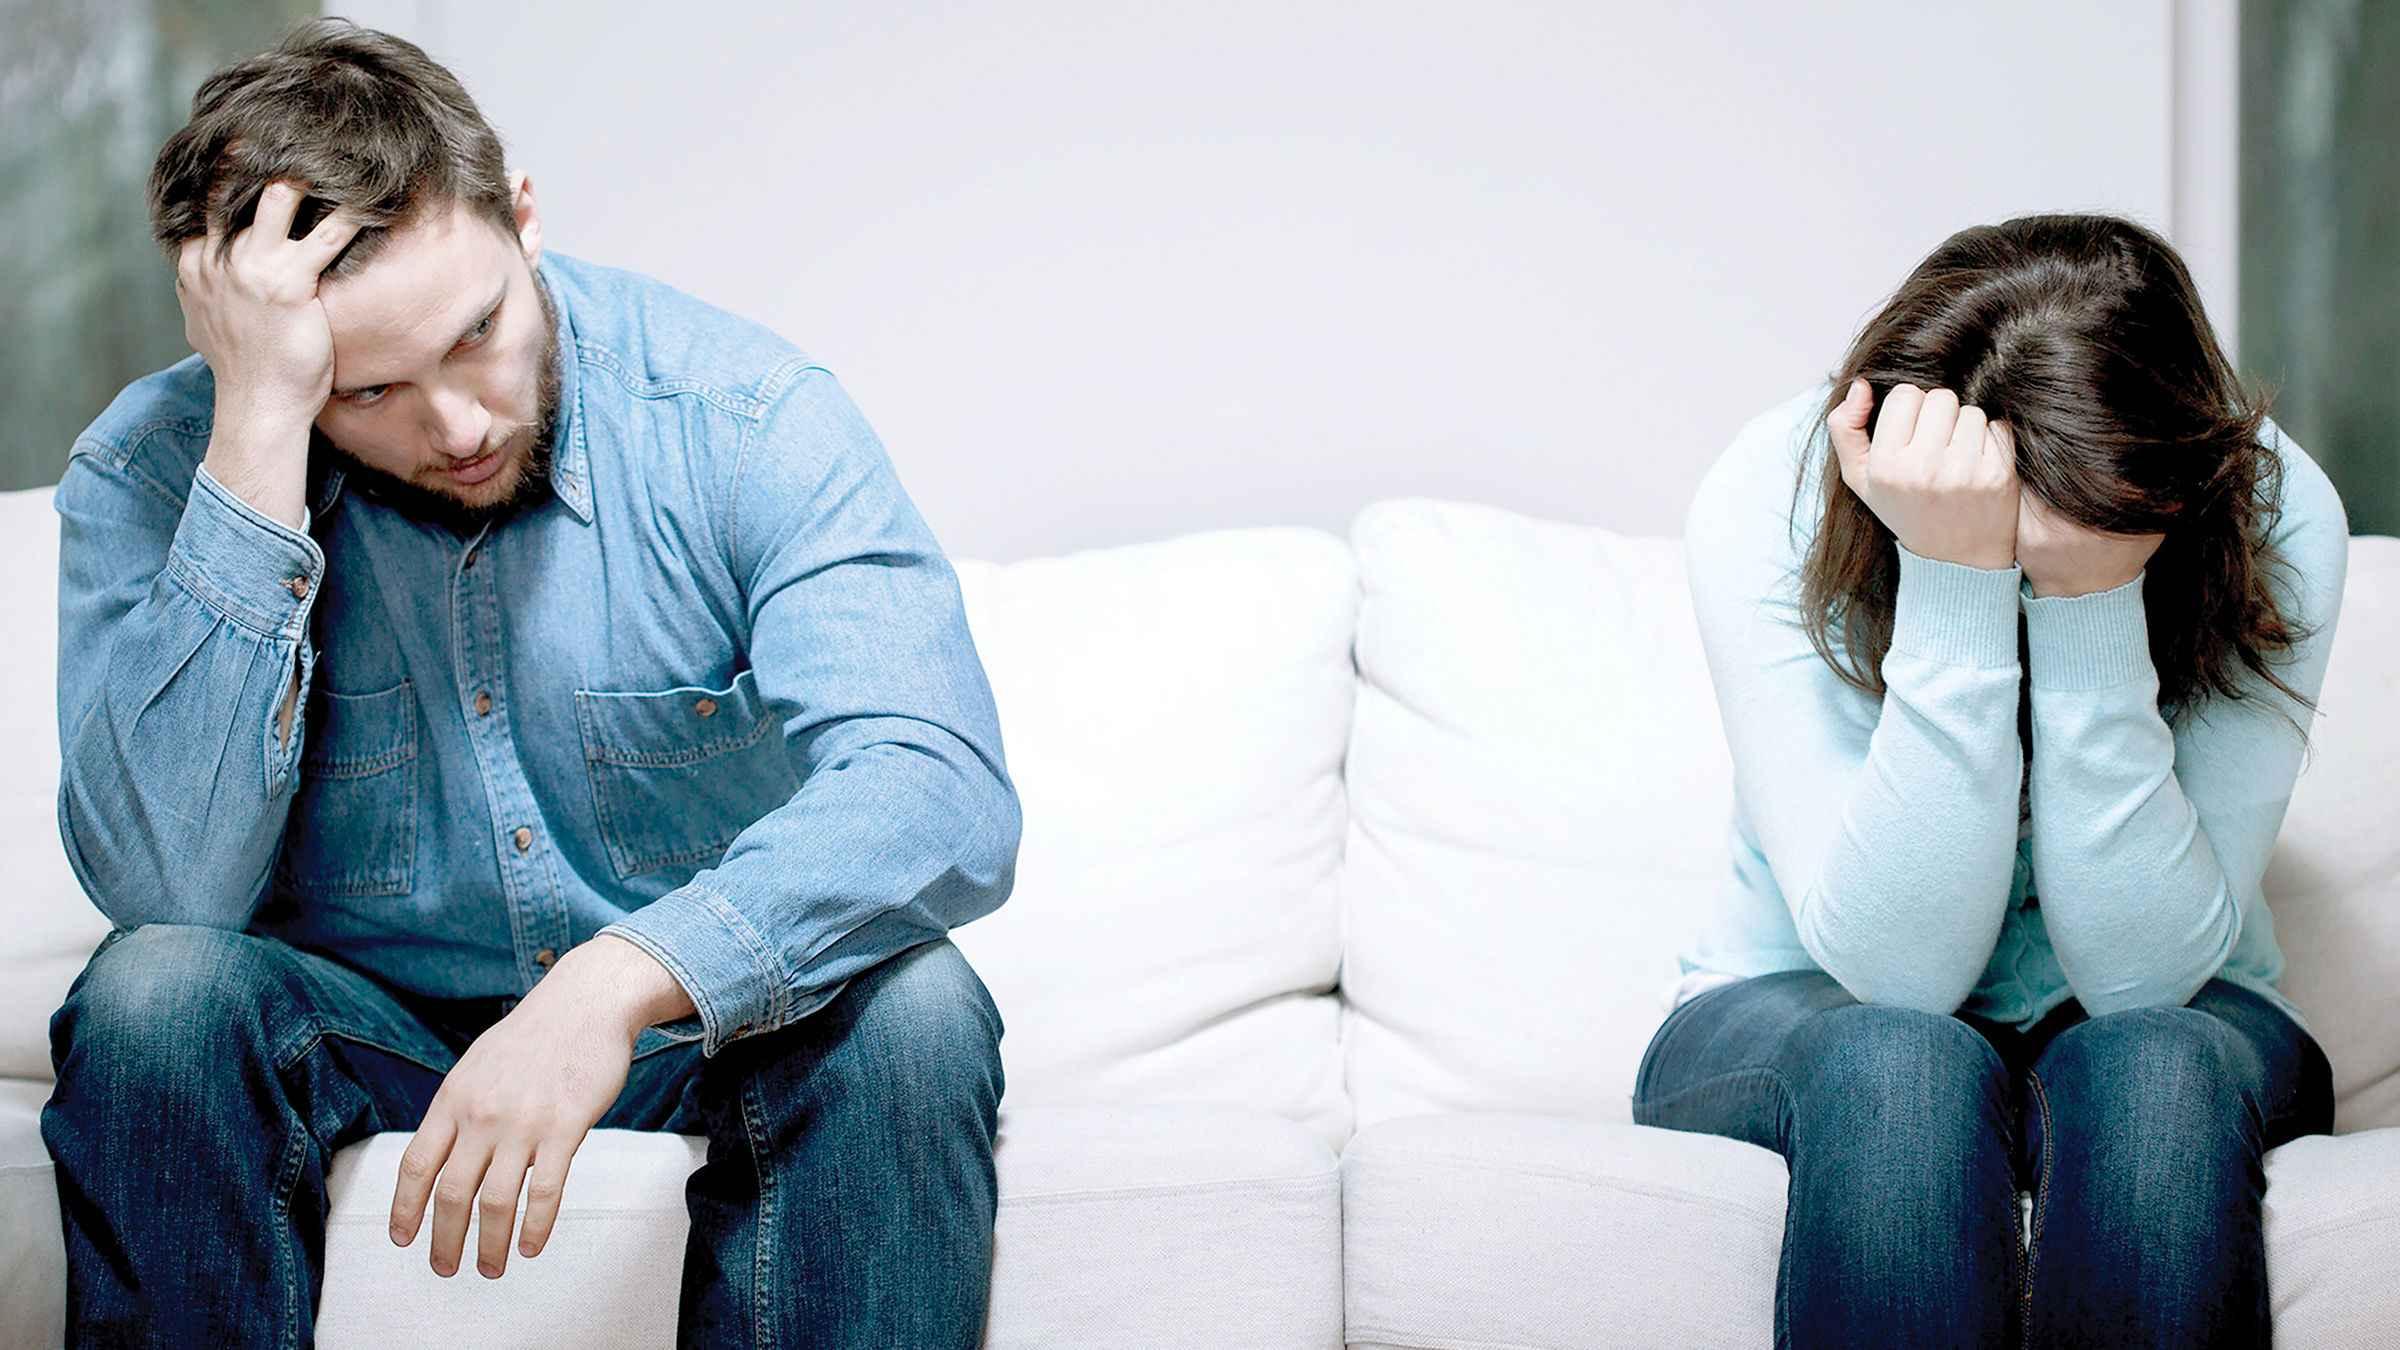 نشانه های ترمیم رابطه بعد از خیانت